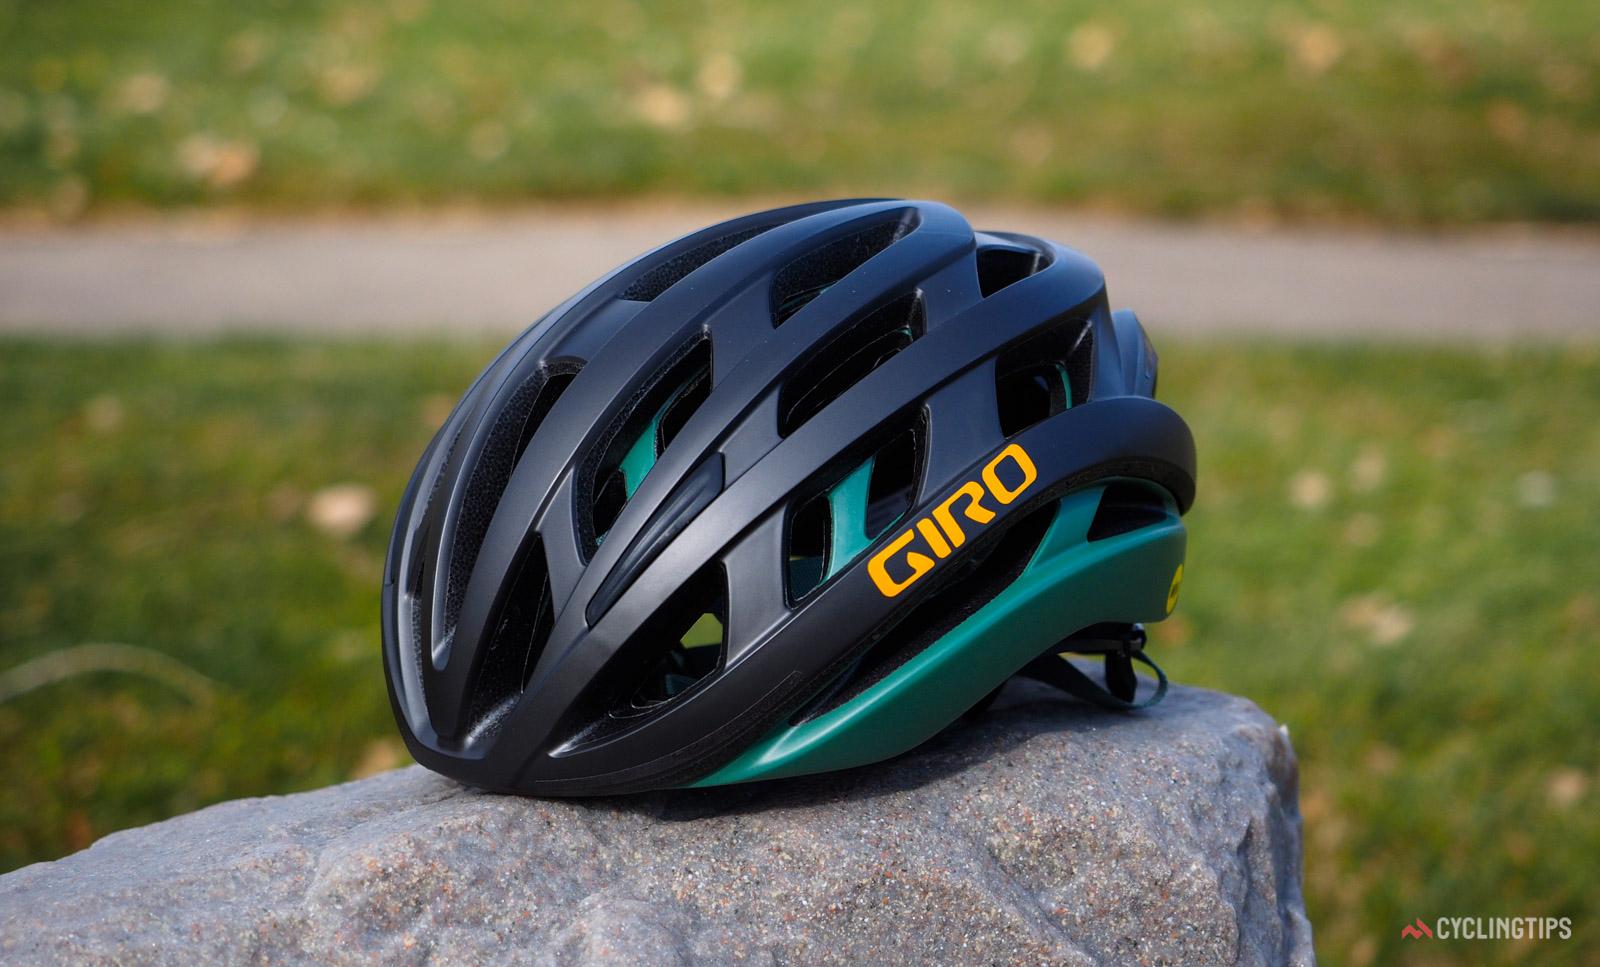 Le nouveau casque sphérique Giro Helios promet la technologie de sécurité Aether à un prix inférieur